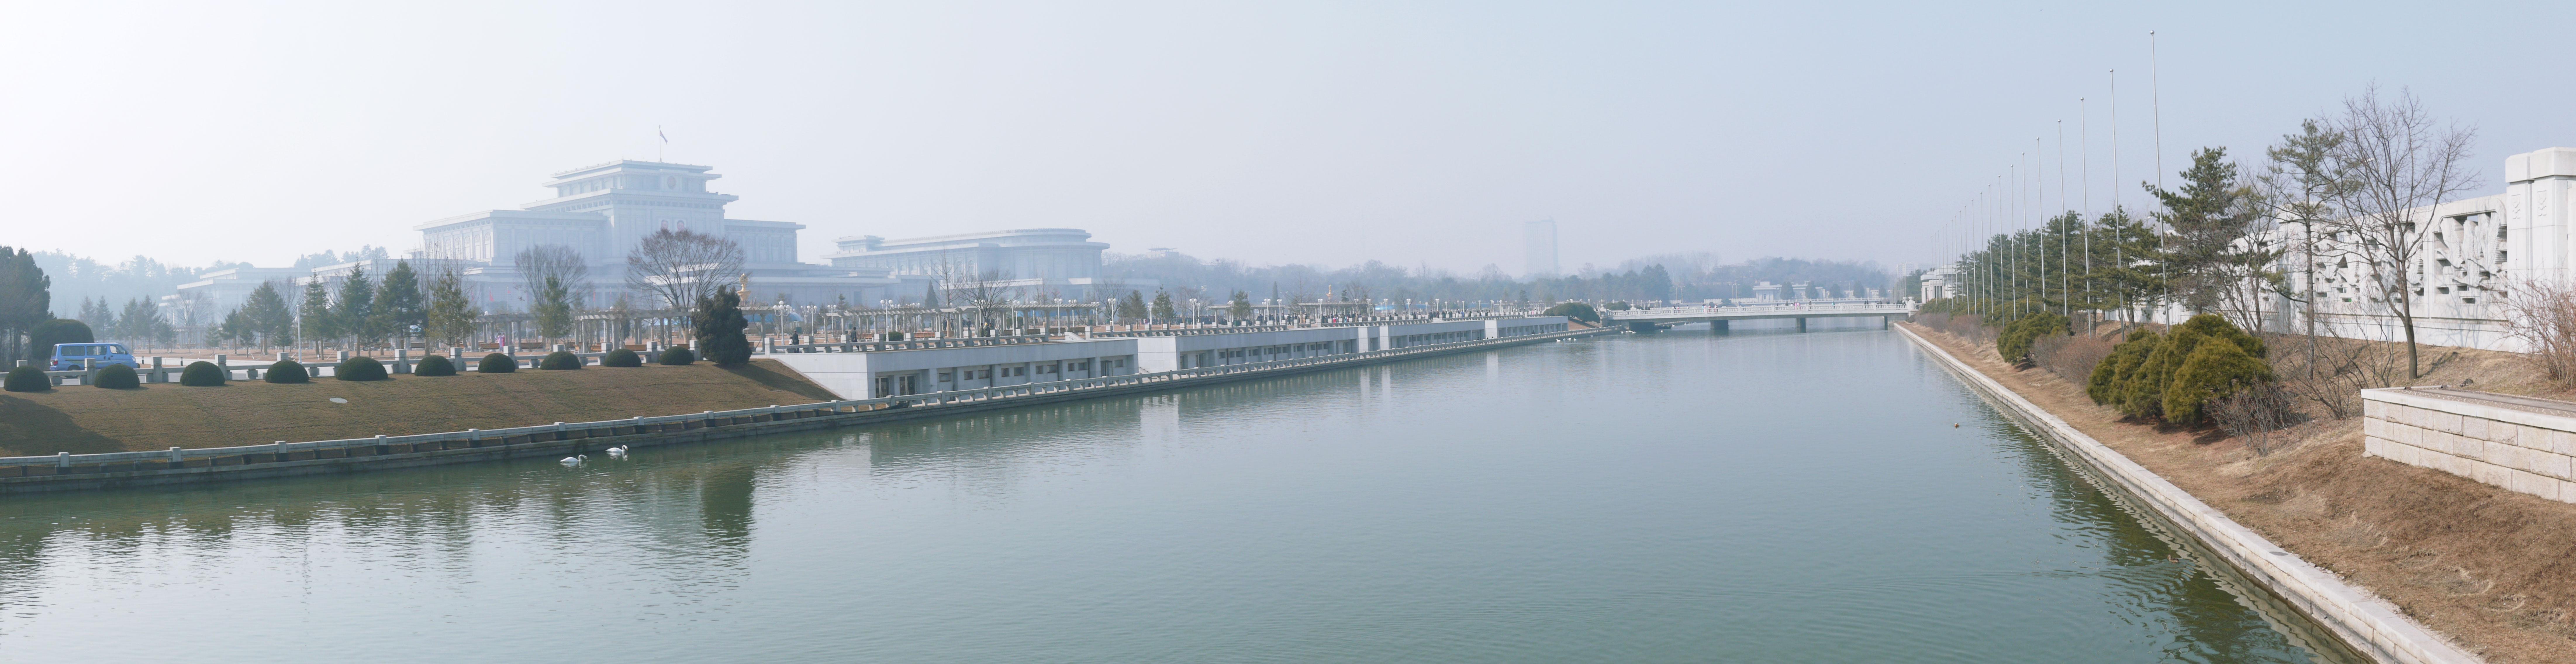 Kumsusan Palace